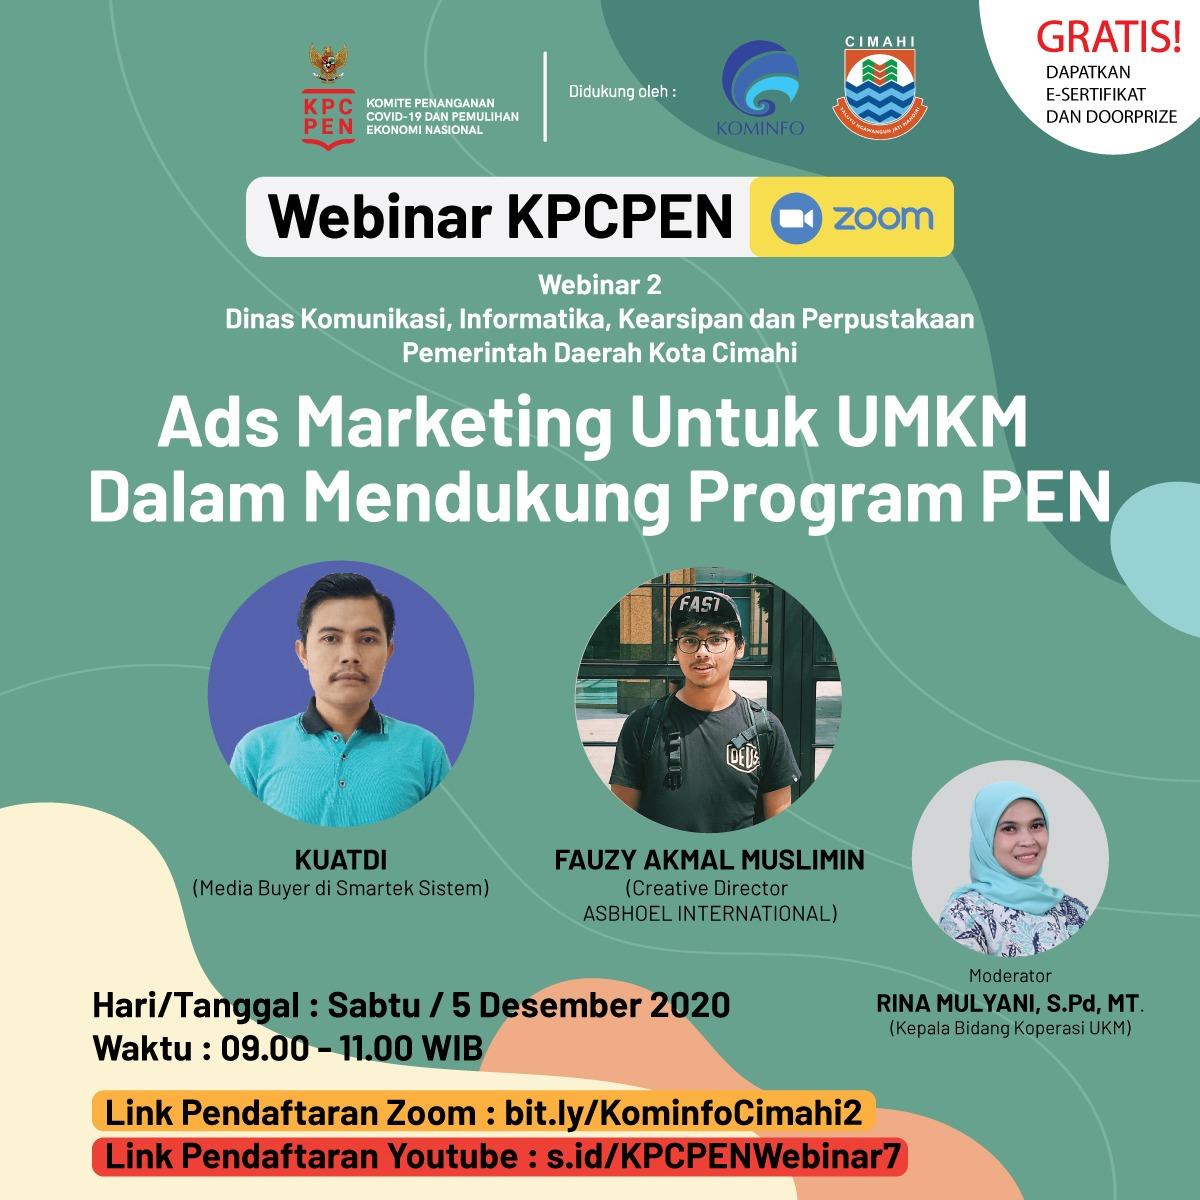 Webinar Ads Marketing Untuk UMKM Dalam Mendukung Program PEN